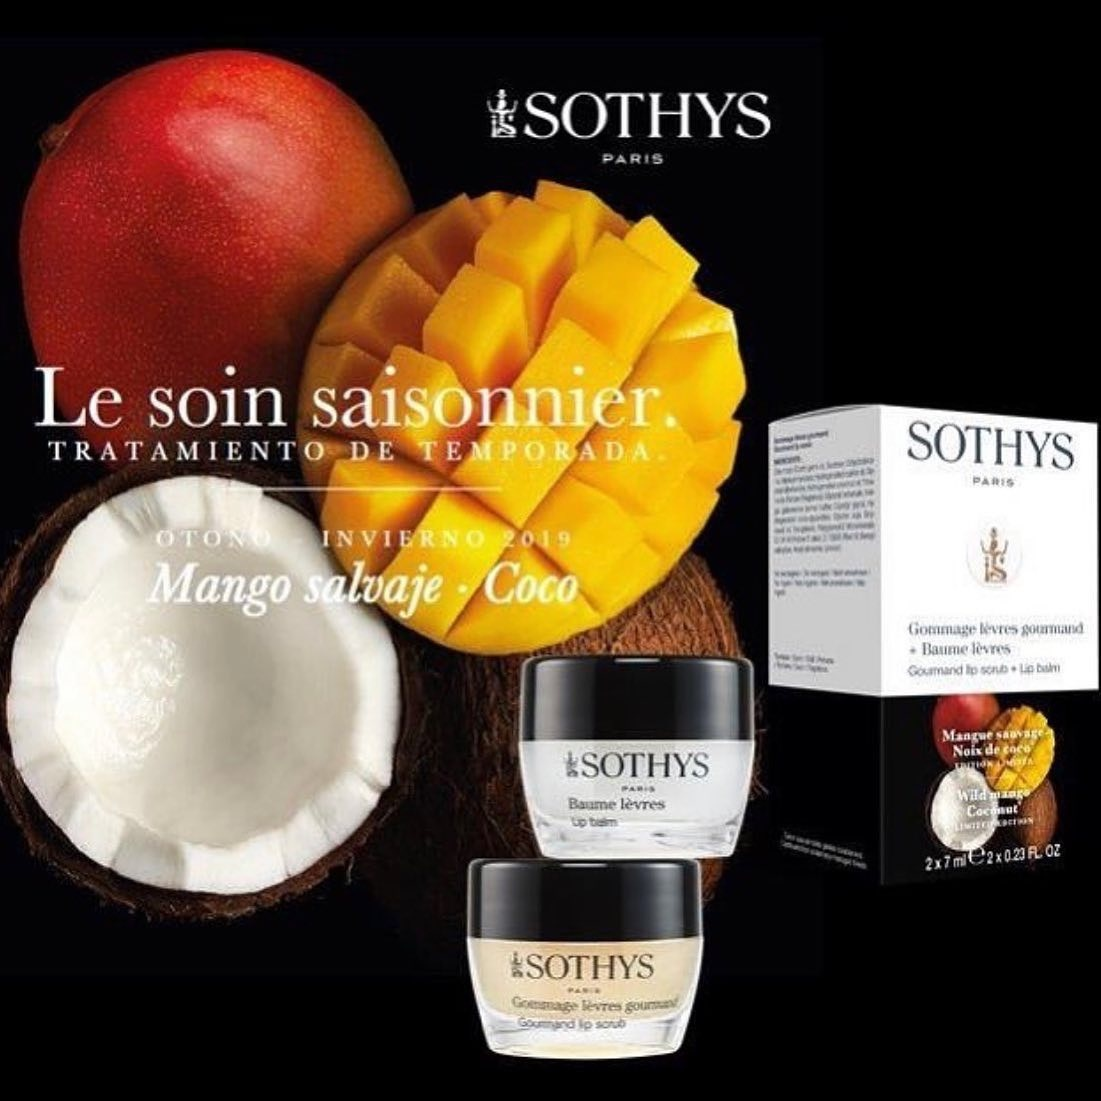 Sothys Sothys Gommage lèvres gourmand + Baume lèvres Mango sauvage Noix de coco 2 x 7 ml